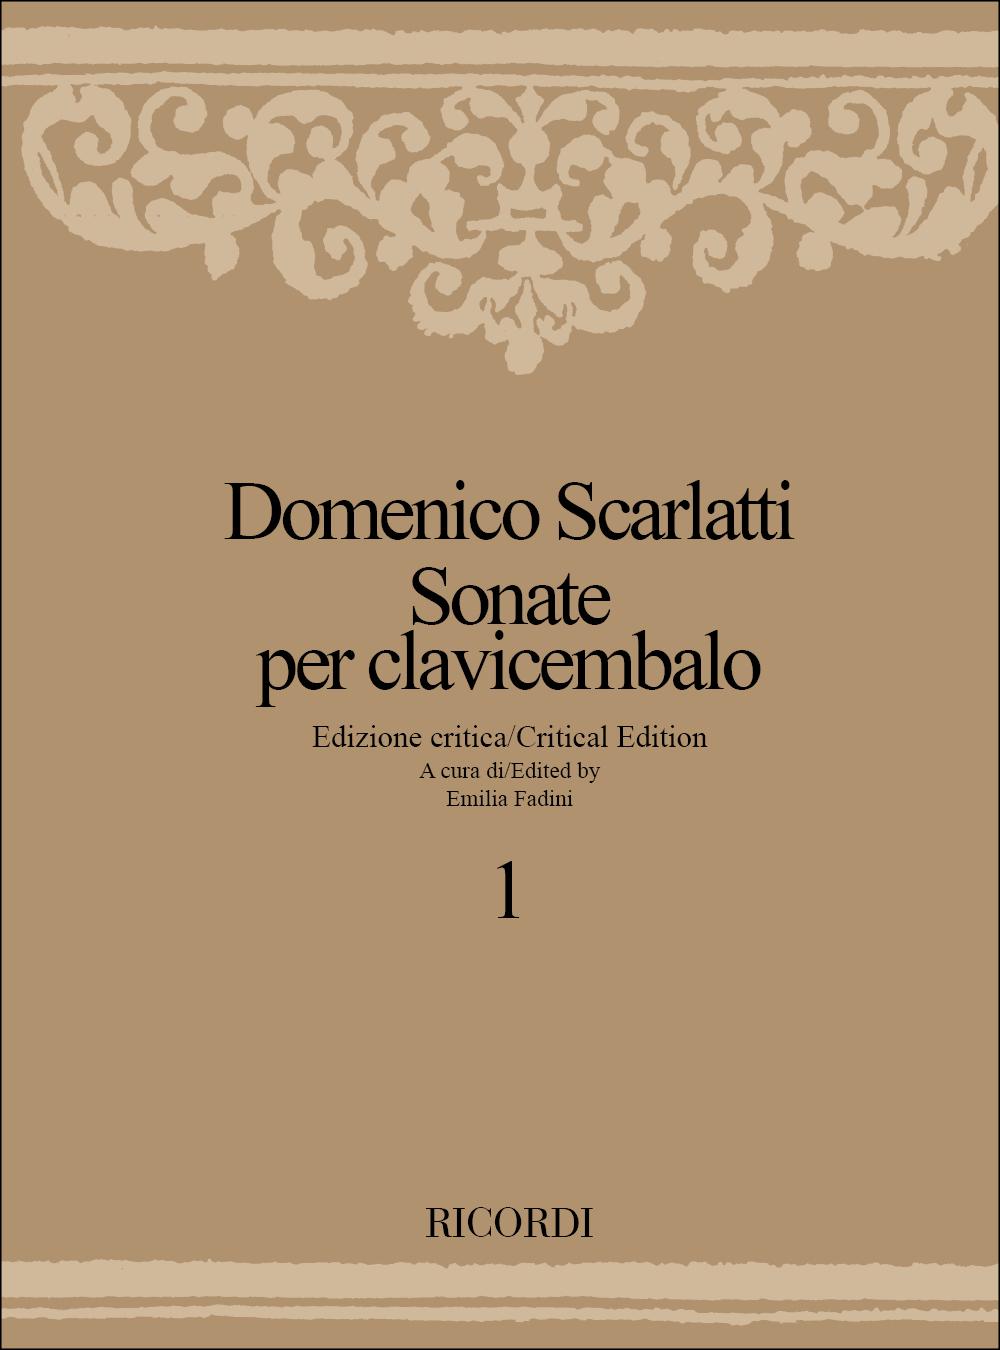 Domenico Scarlatti: Sonate Per Clavicembalo - Volume 1: Harpsichord